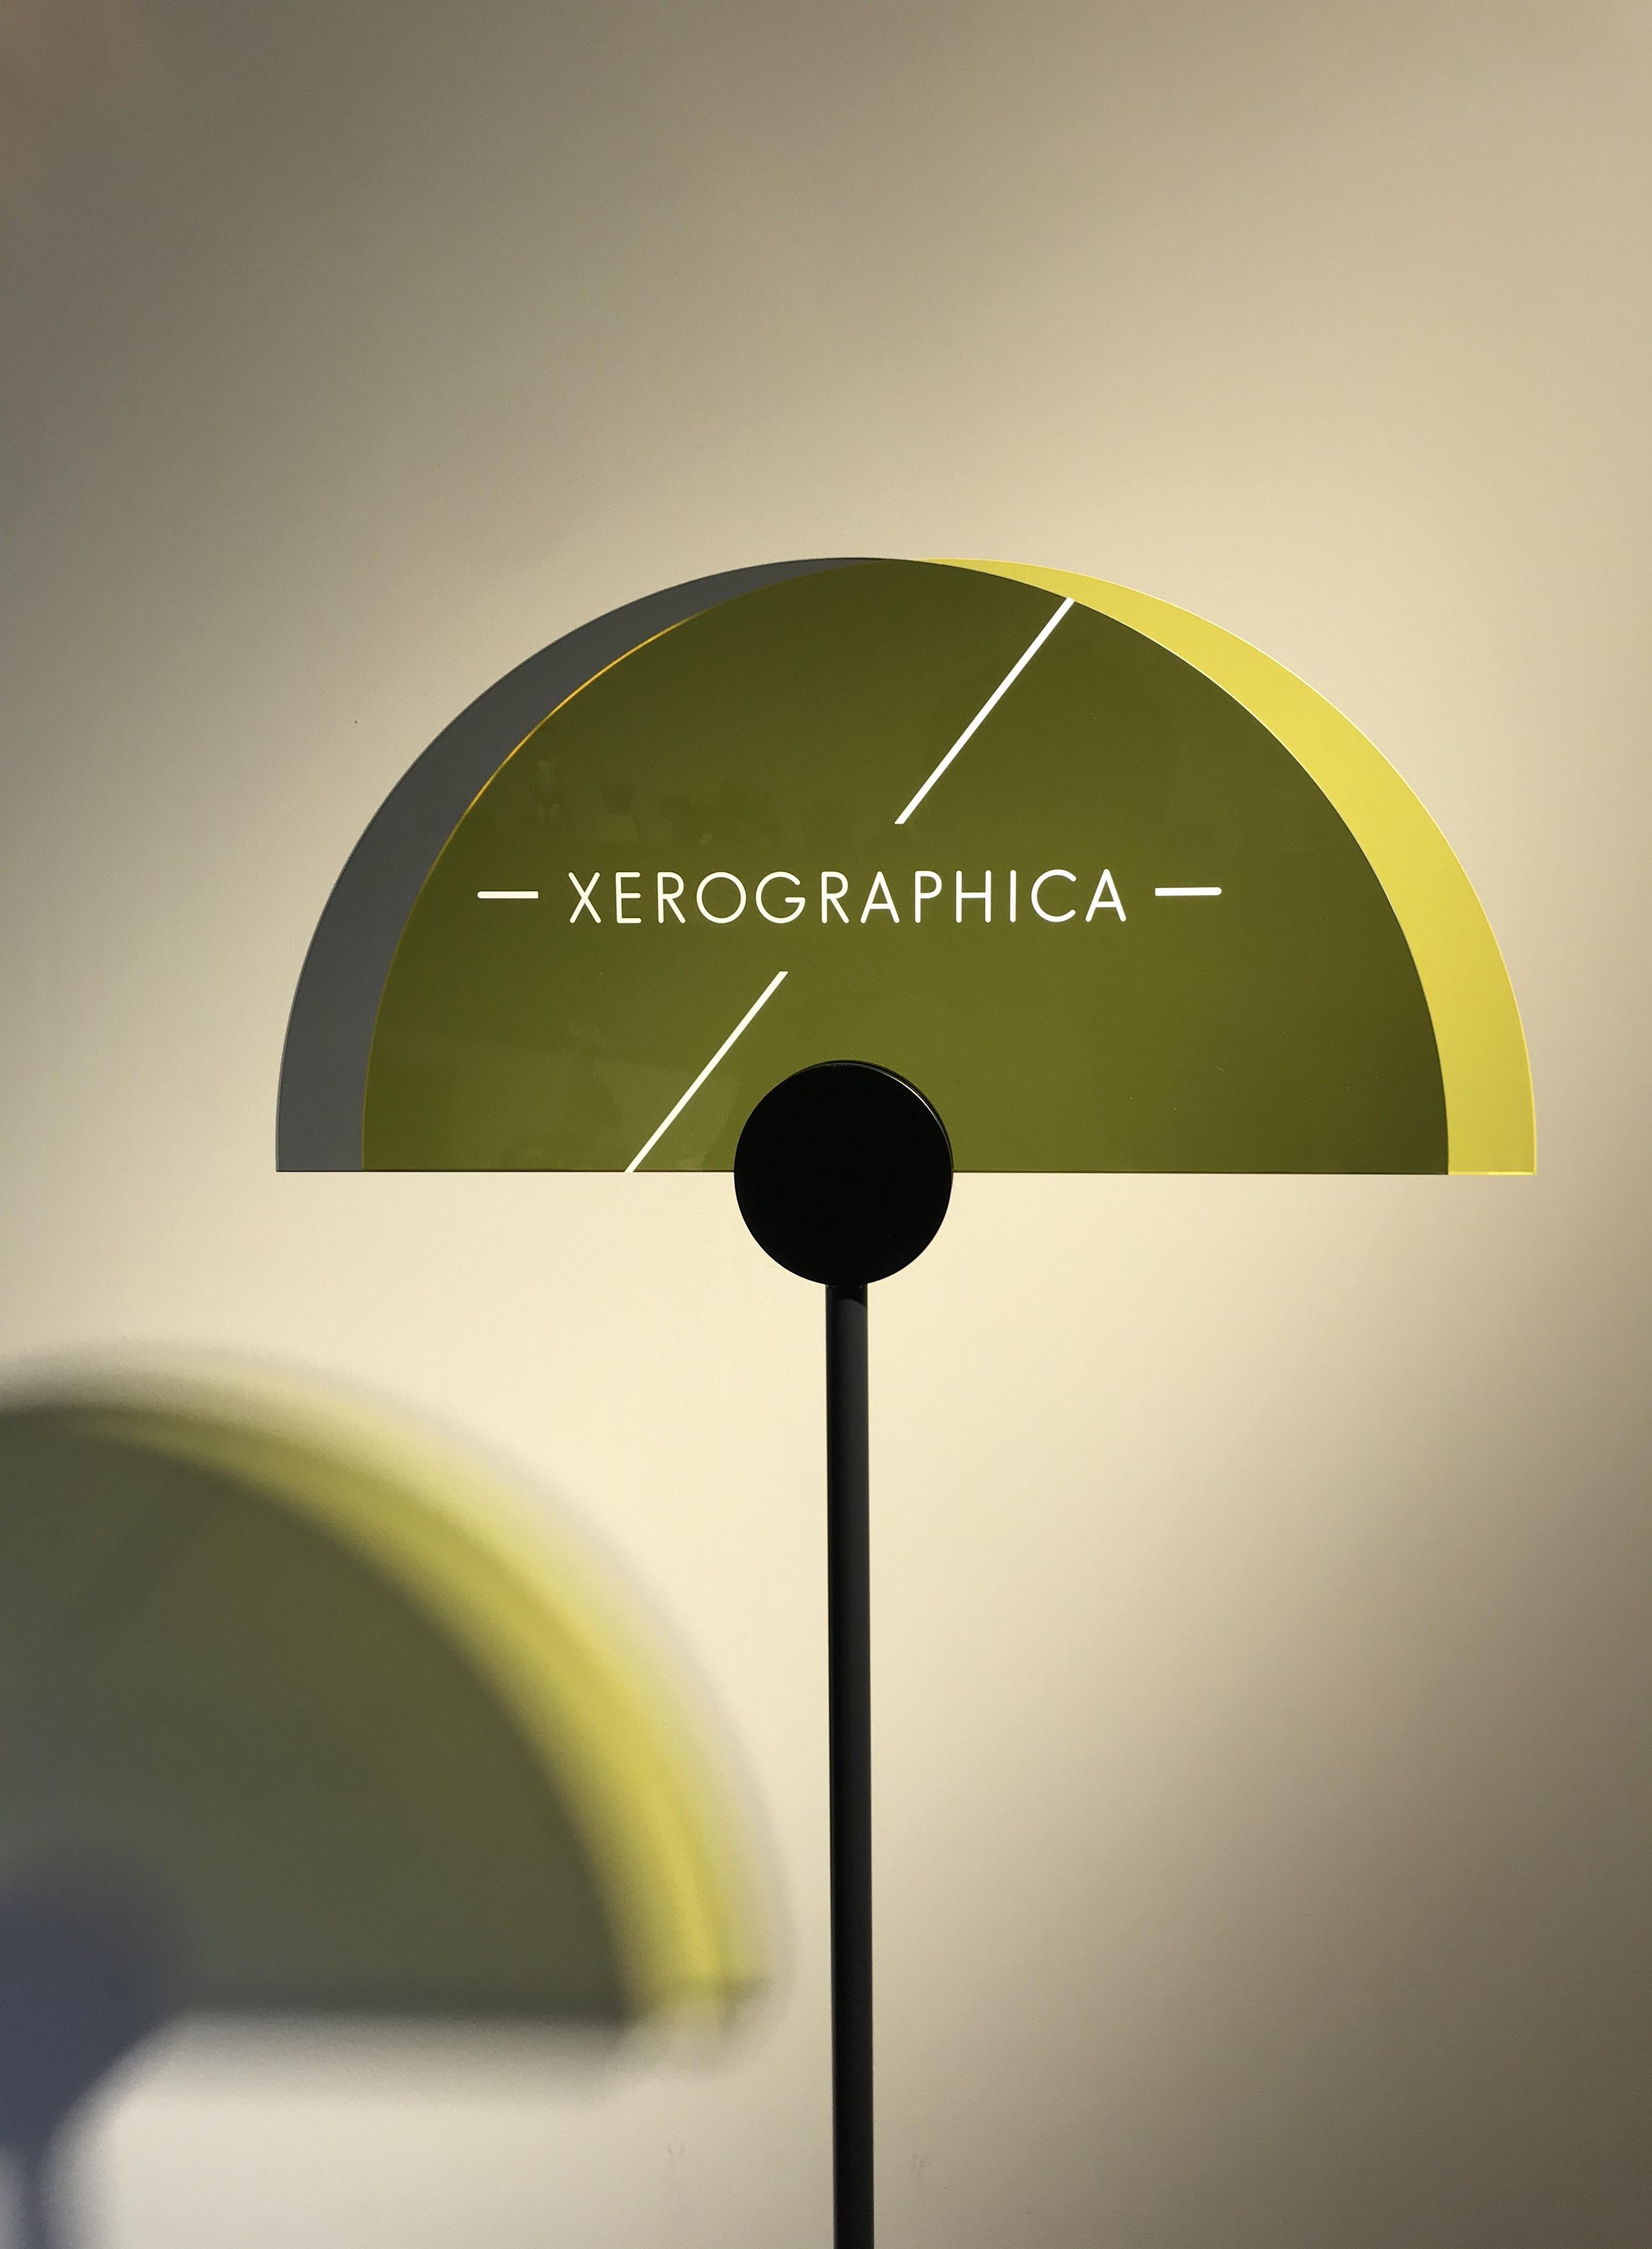 XEROGRAPHICA 看板